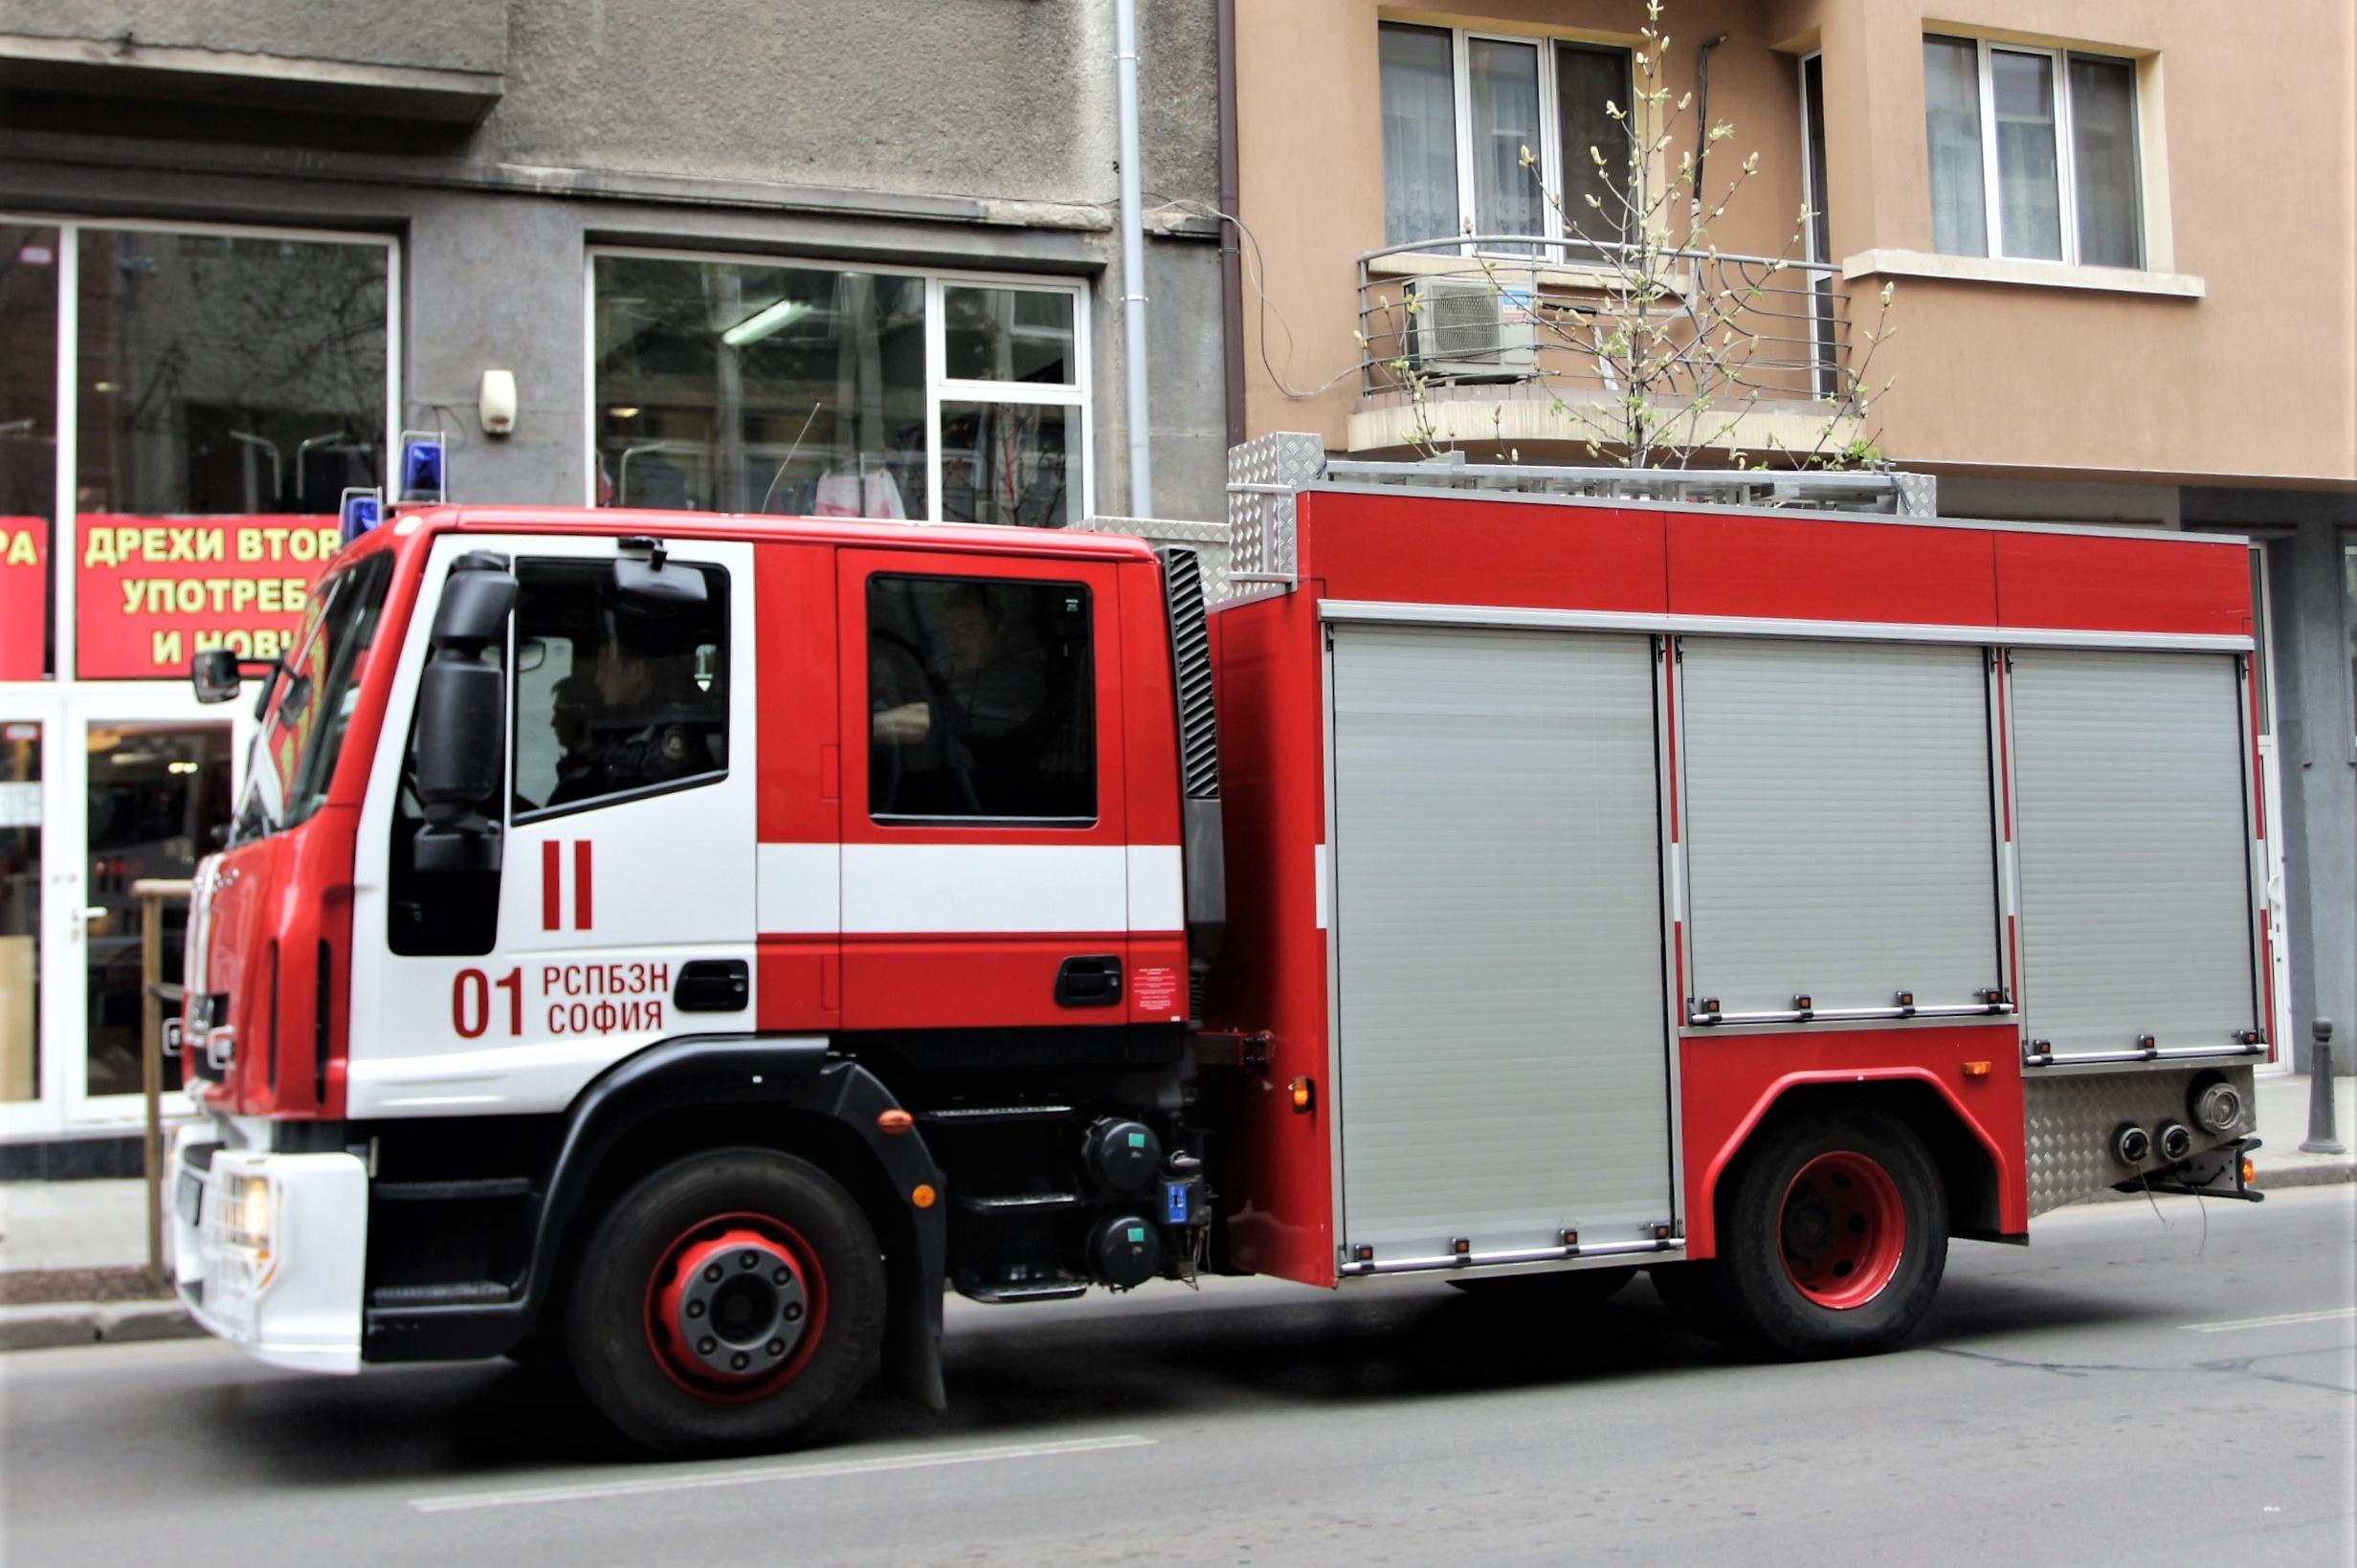 Изгоряла е дърводелска работилница в Ботевградско